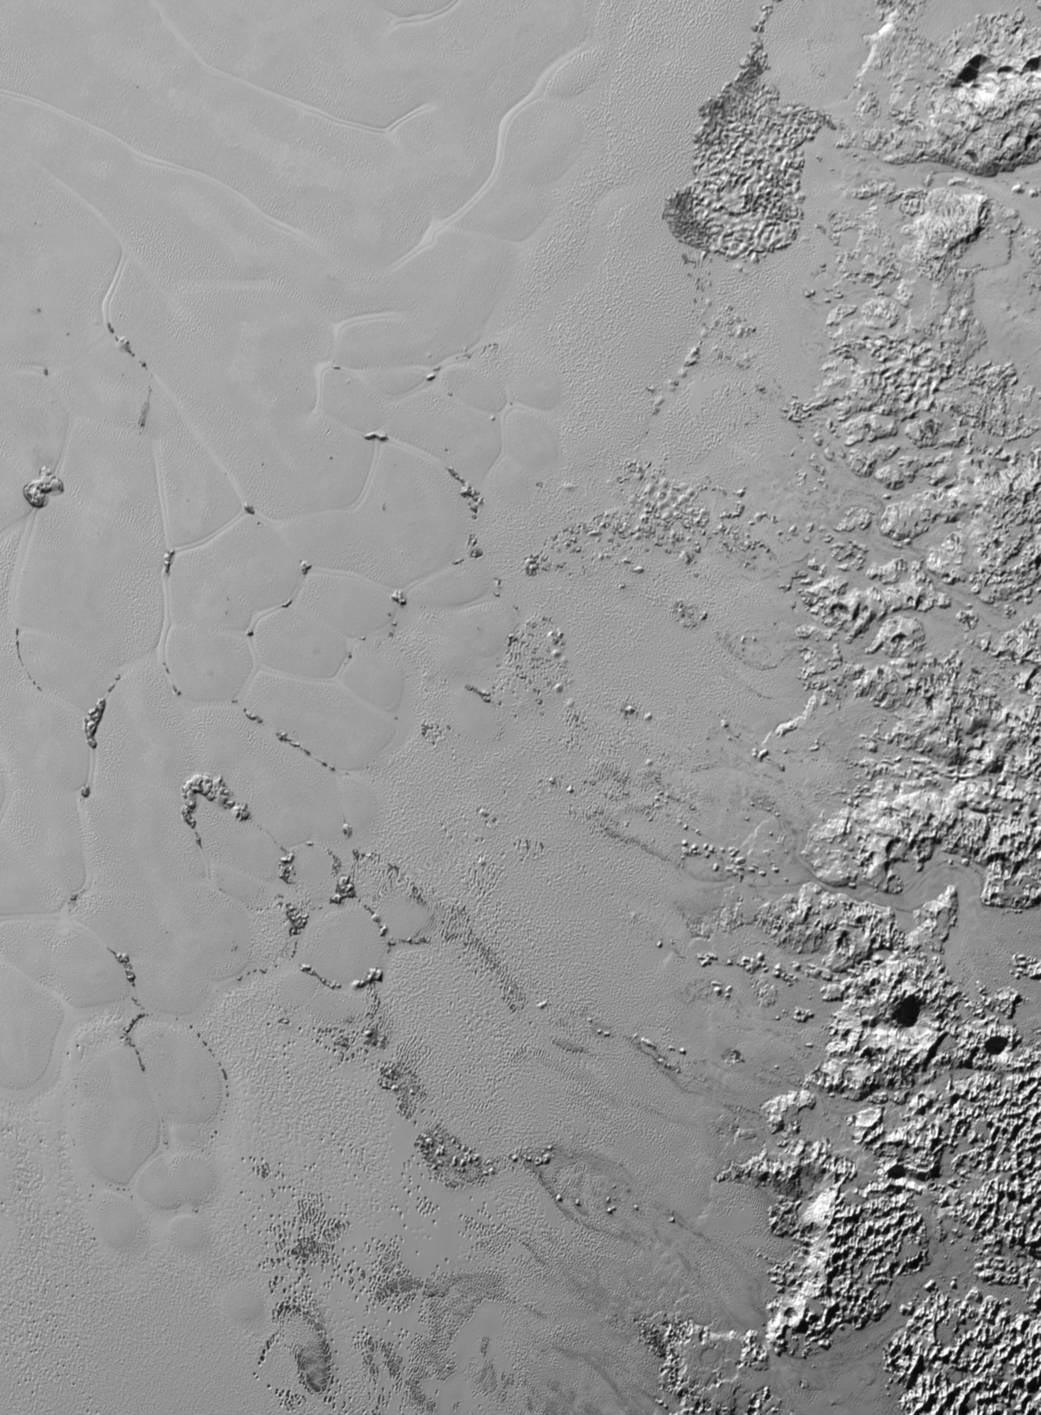 Sputnik Planum'daki düzlüklerde aktif olan buzul düzlük ve yapılar. [NASA]